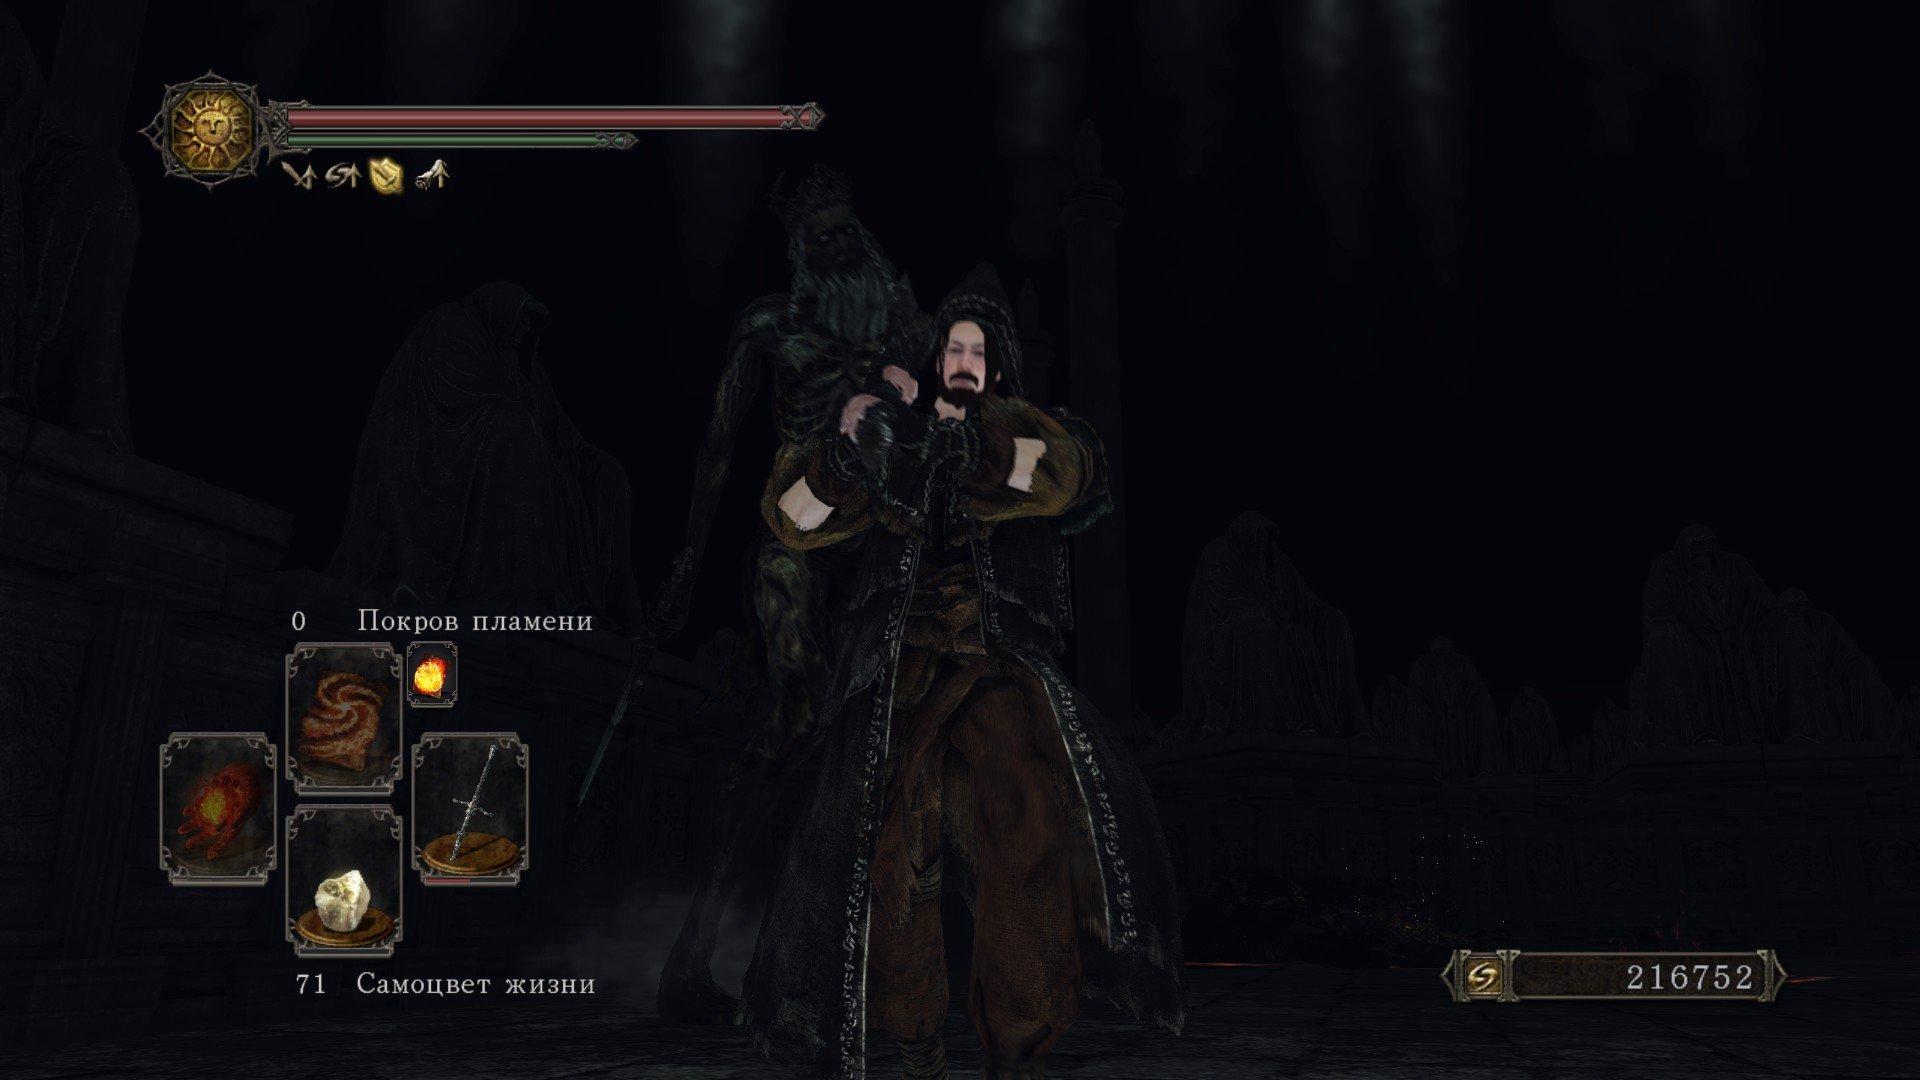 Вопль-прохождение Dark Souls 2 ... получилось много скриншотов -_- - Изображение 14